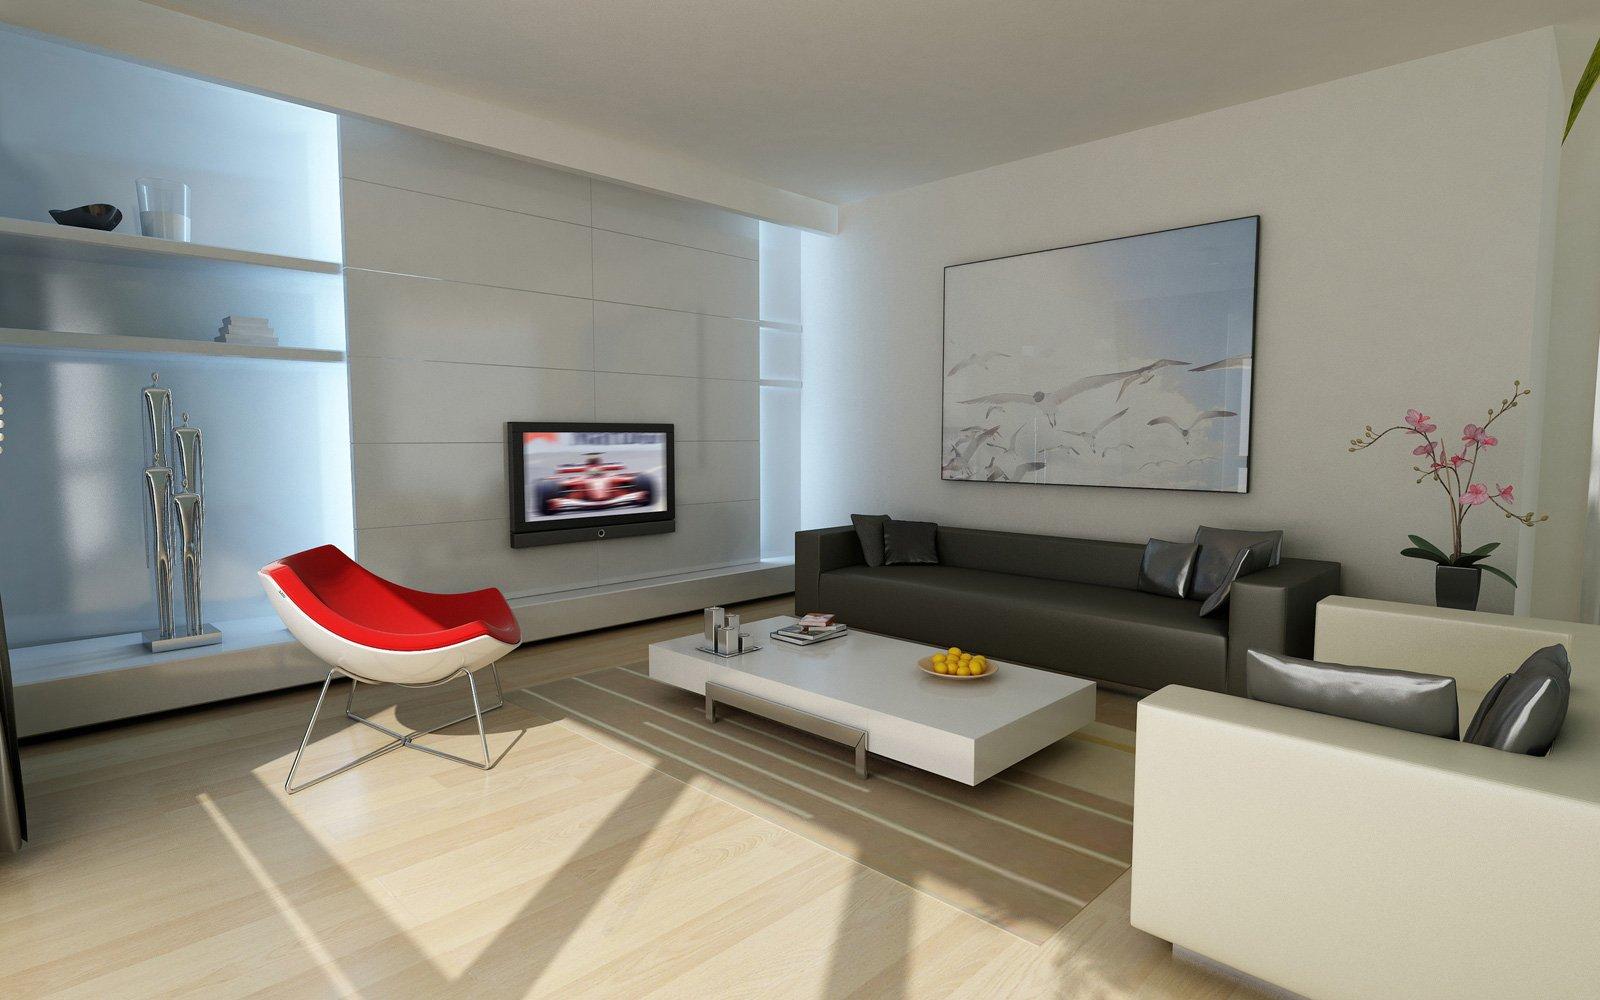 Arredamento moderno: la casa in stile moderno, foto e suggerimenti